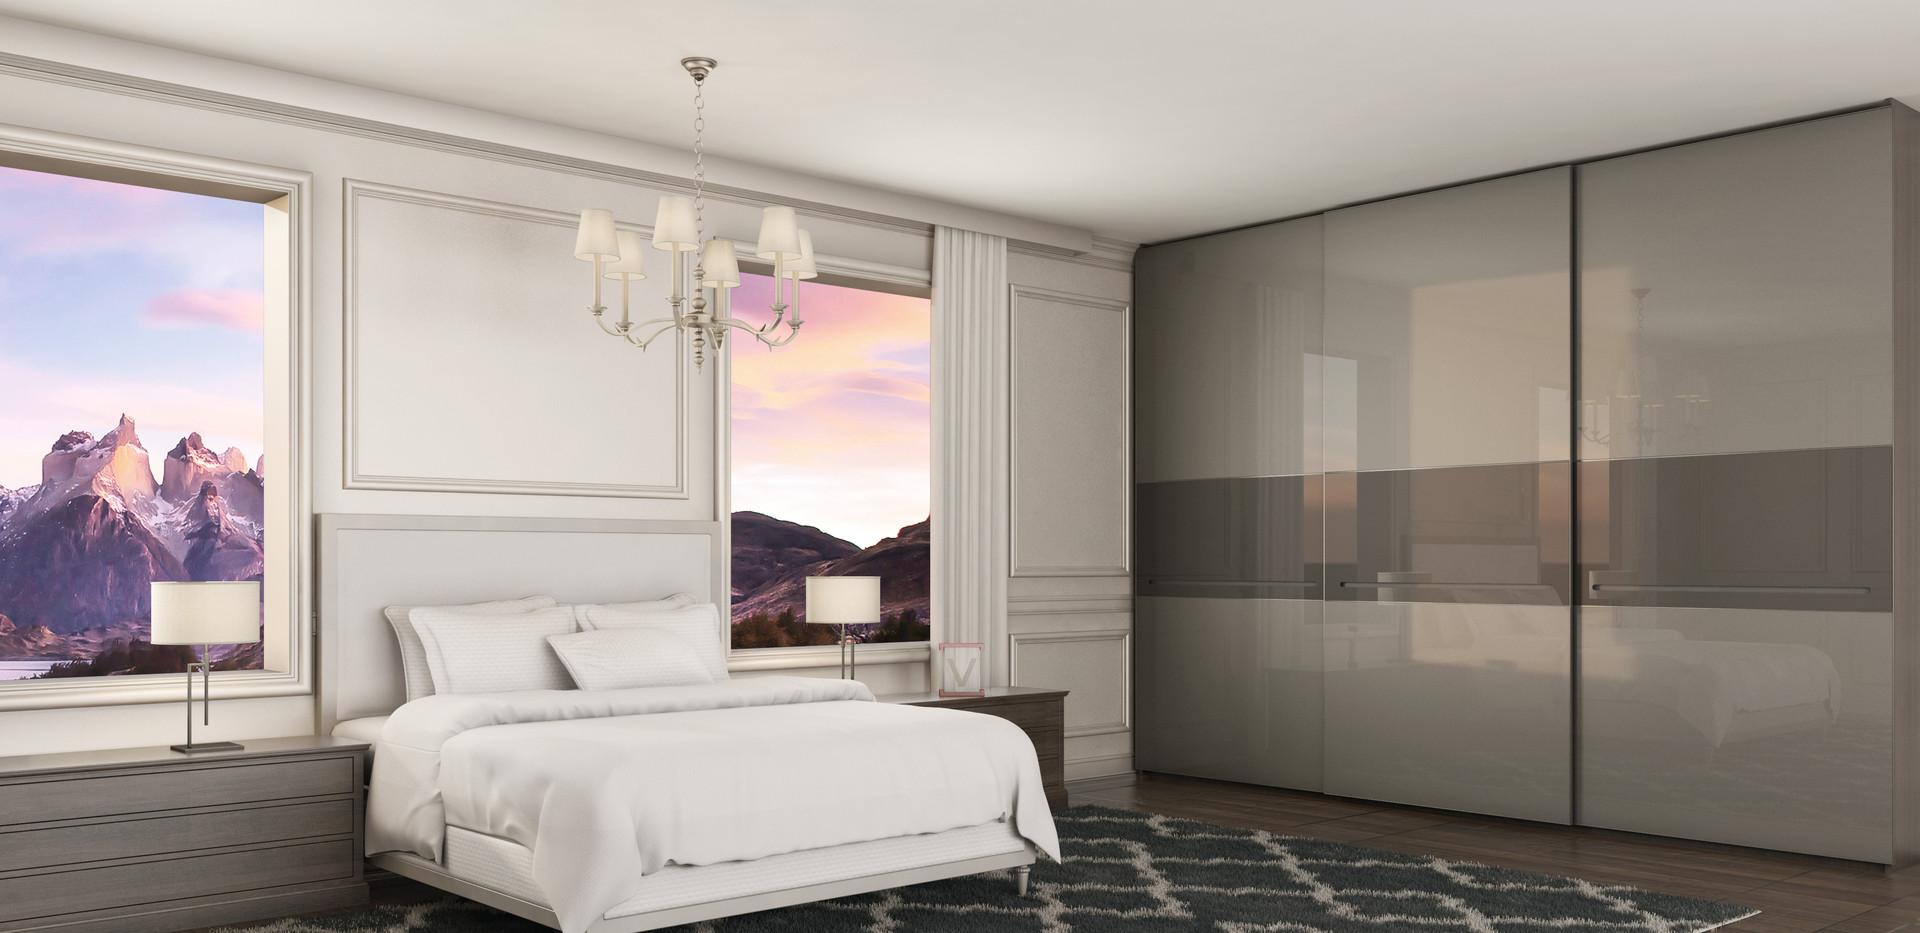 DOR10_dormitorio_quarto_guarda_roupa_por